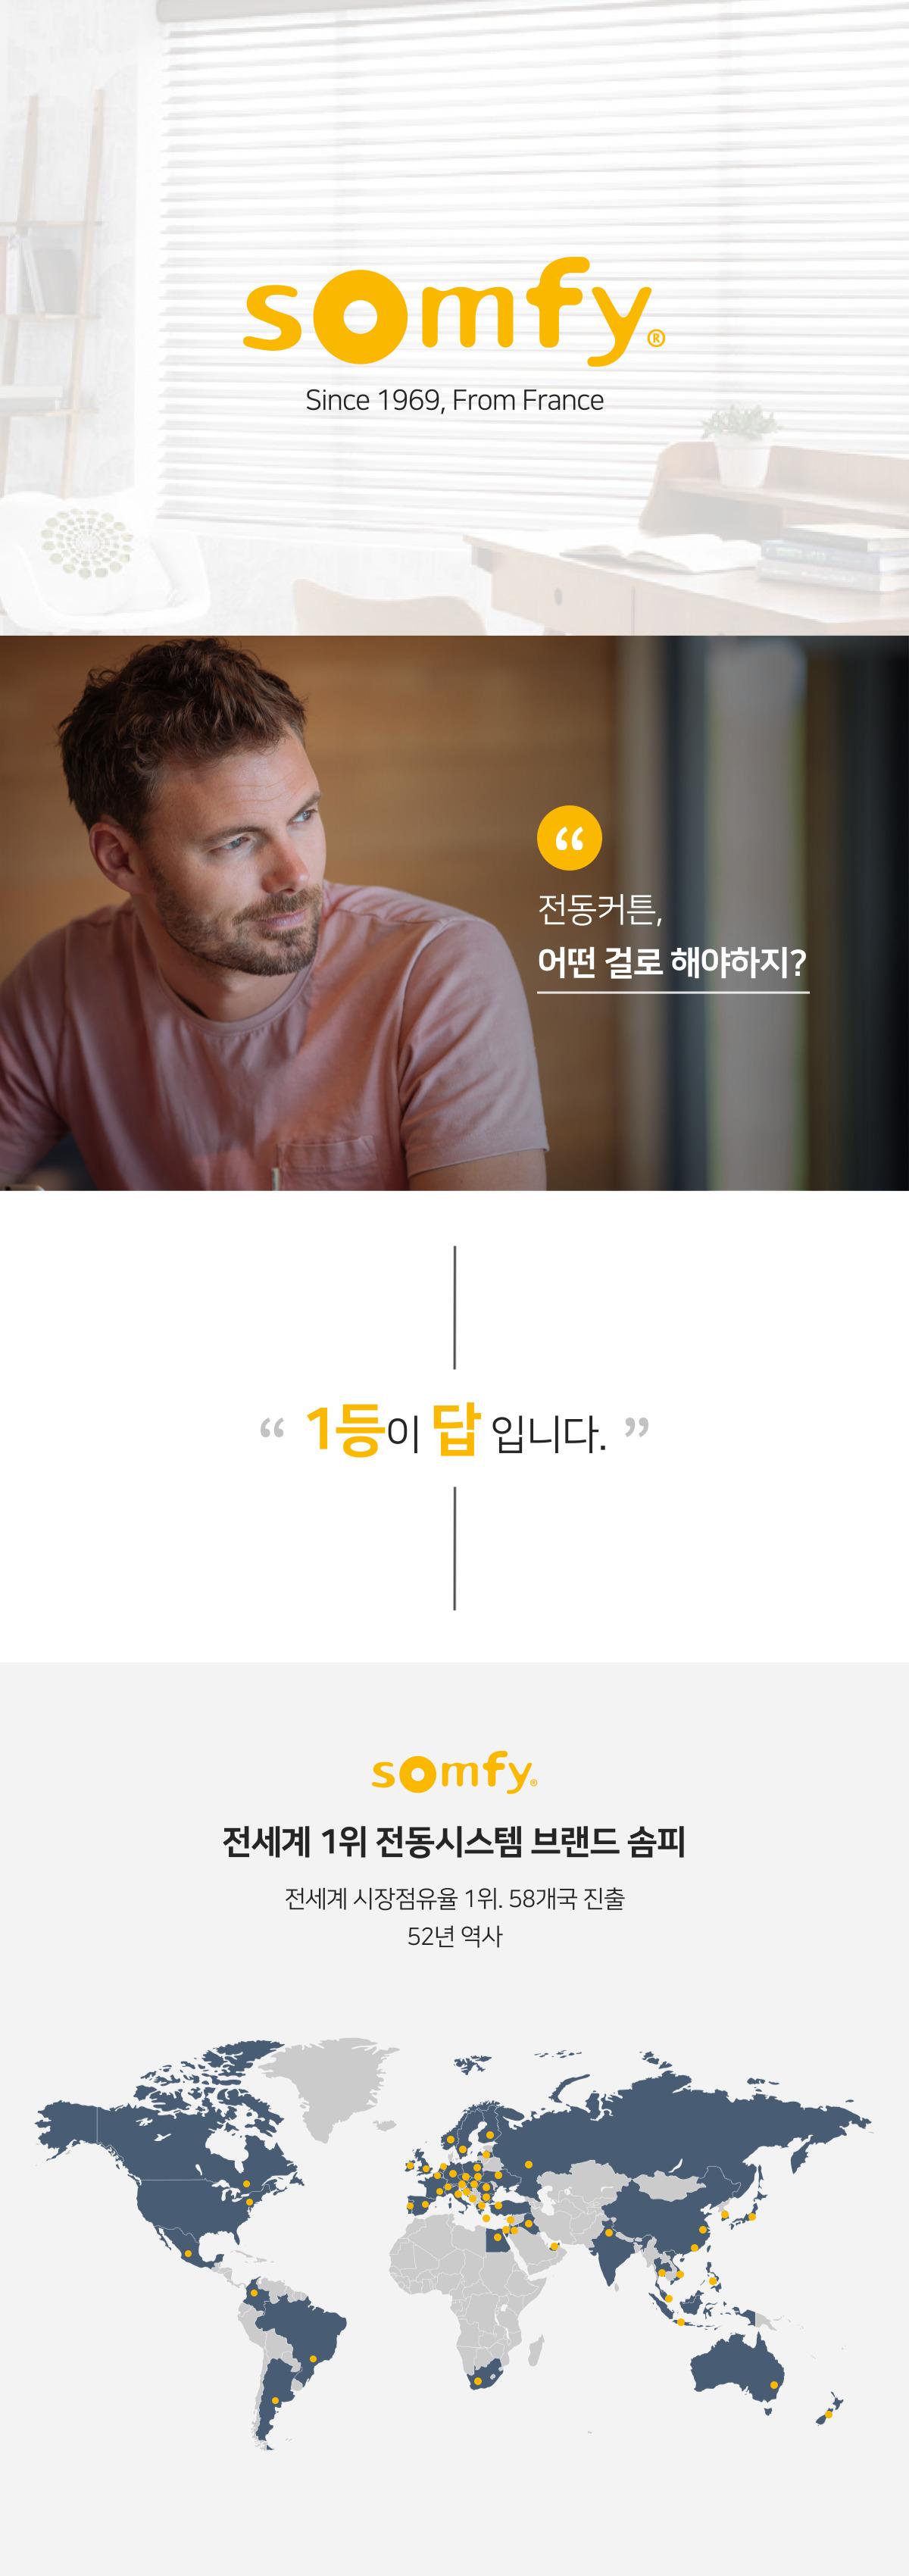 커튼명가 창 솜피 공식 온라인스토어 입점